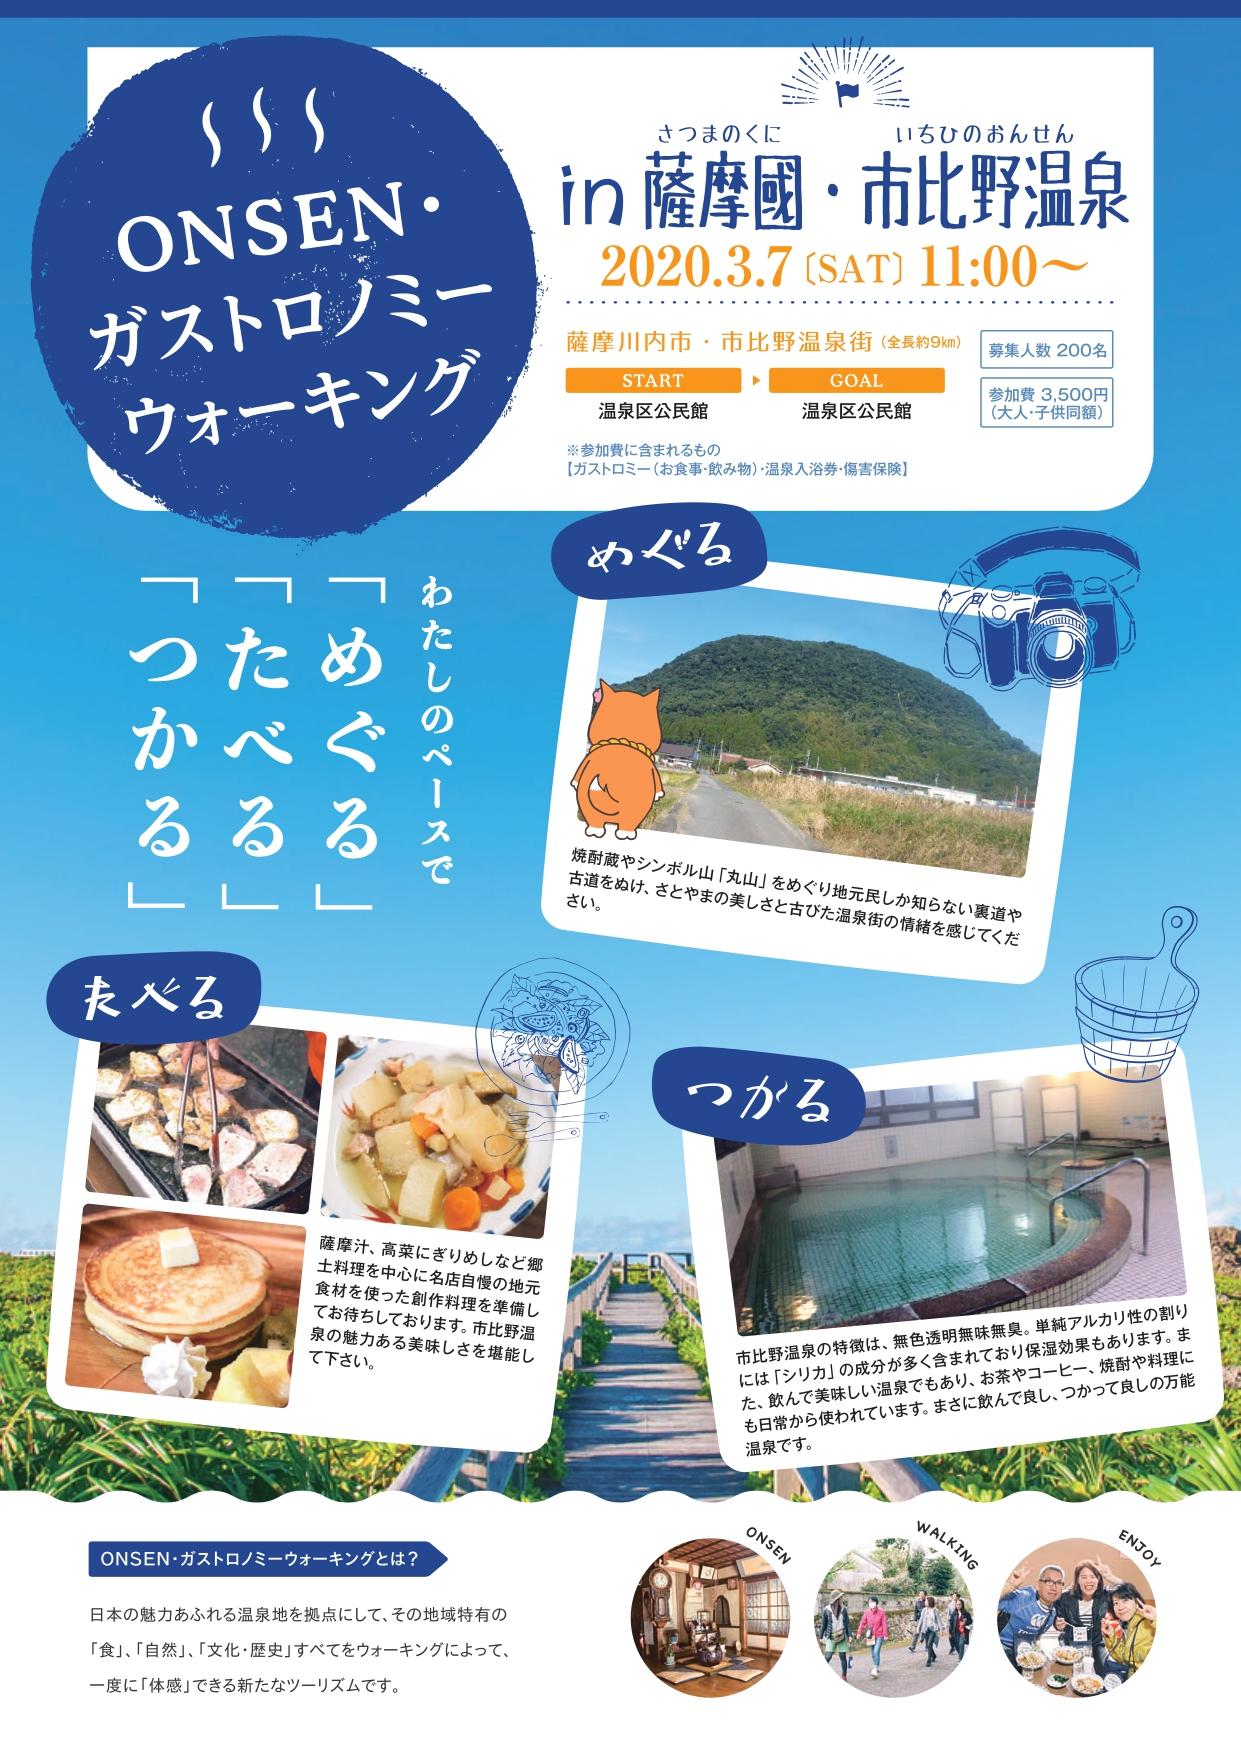 【第3回】ONSEN・ガストロノミーウォーキング in 薩摩國・ 市比野温泉(募集締切2/28)